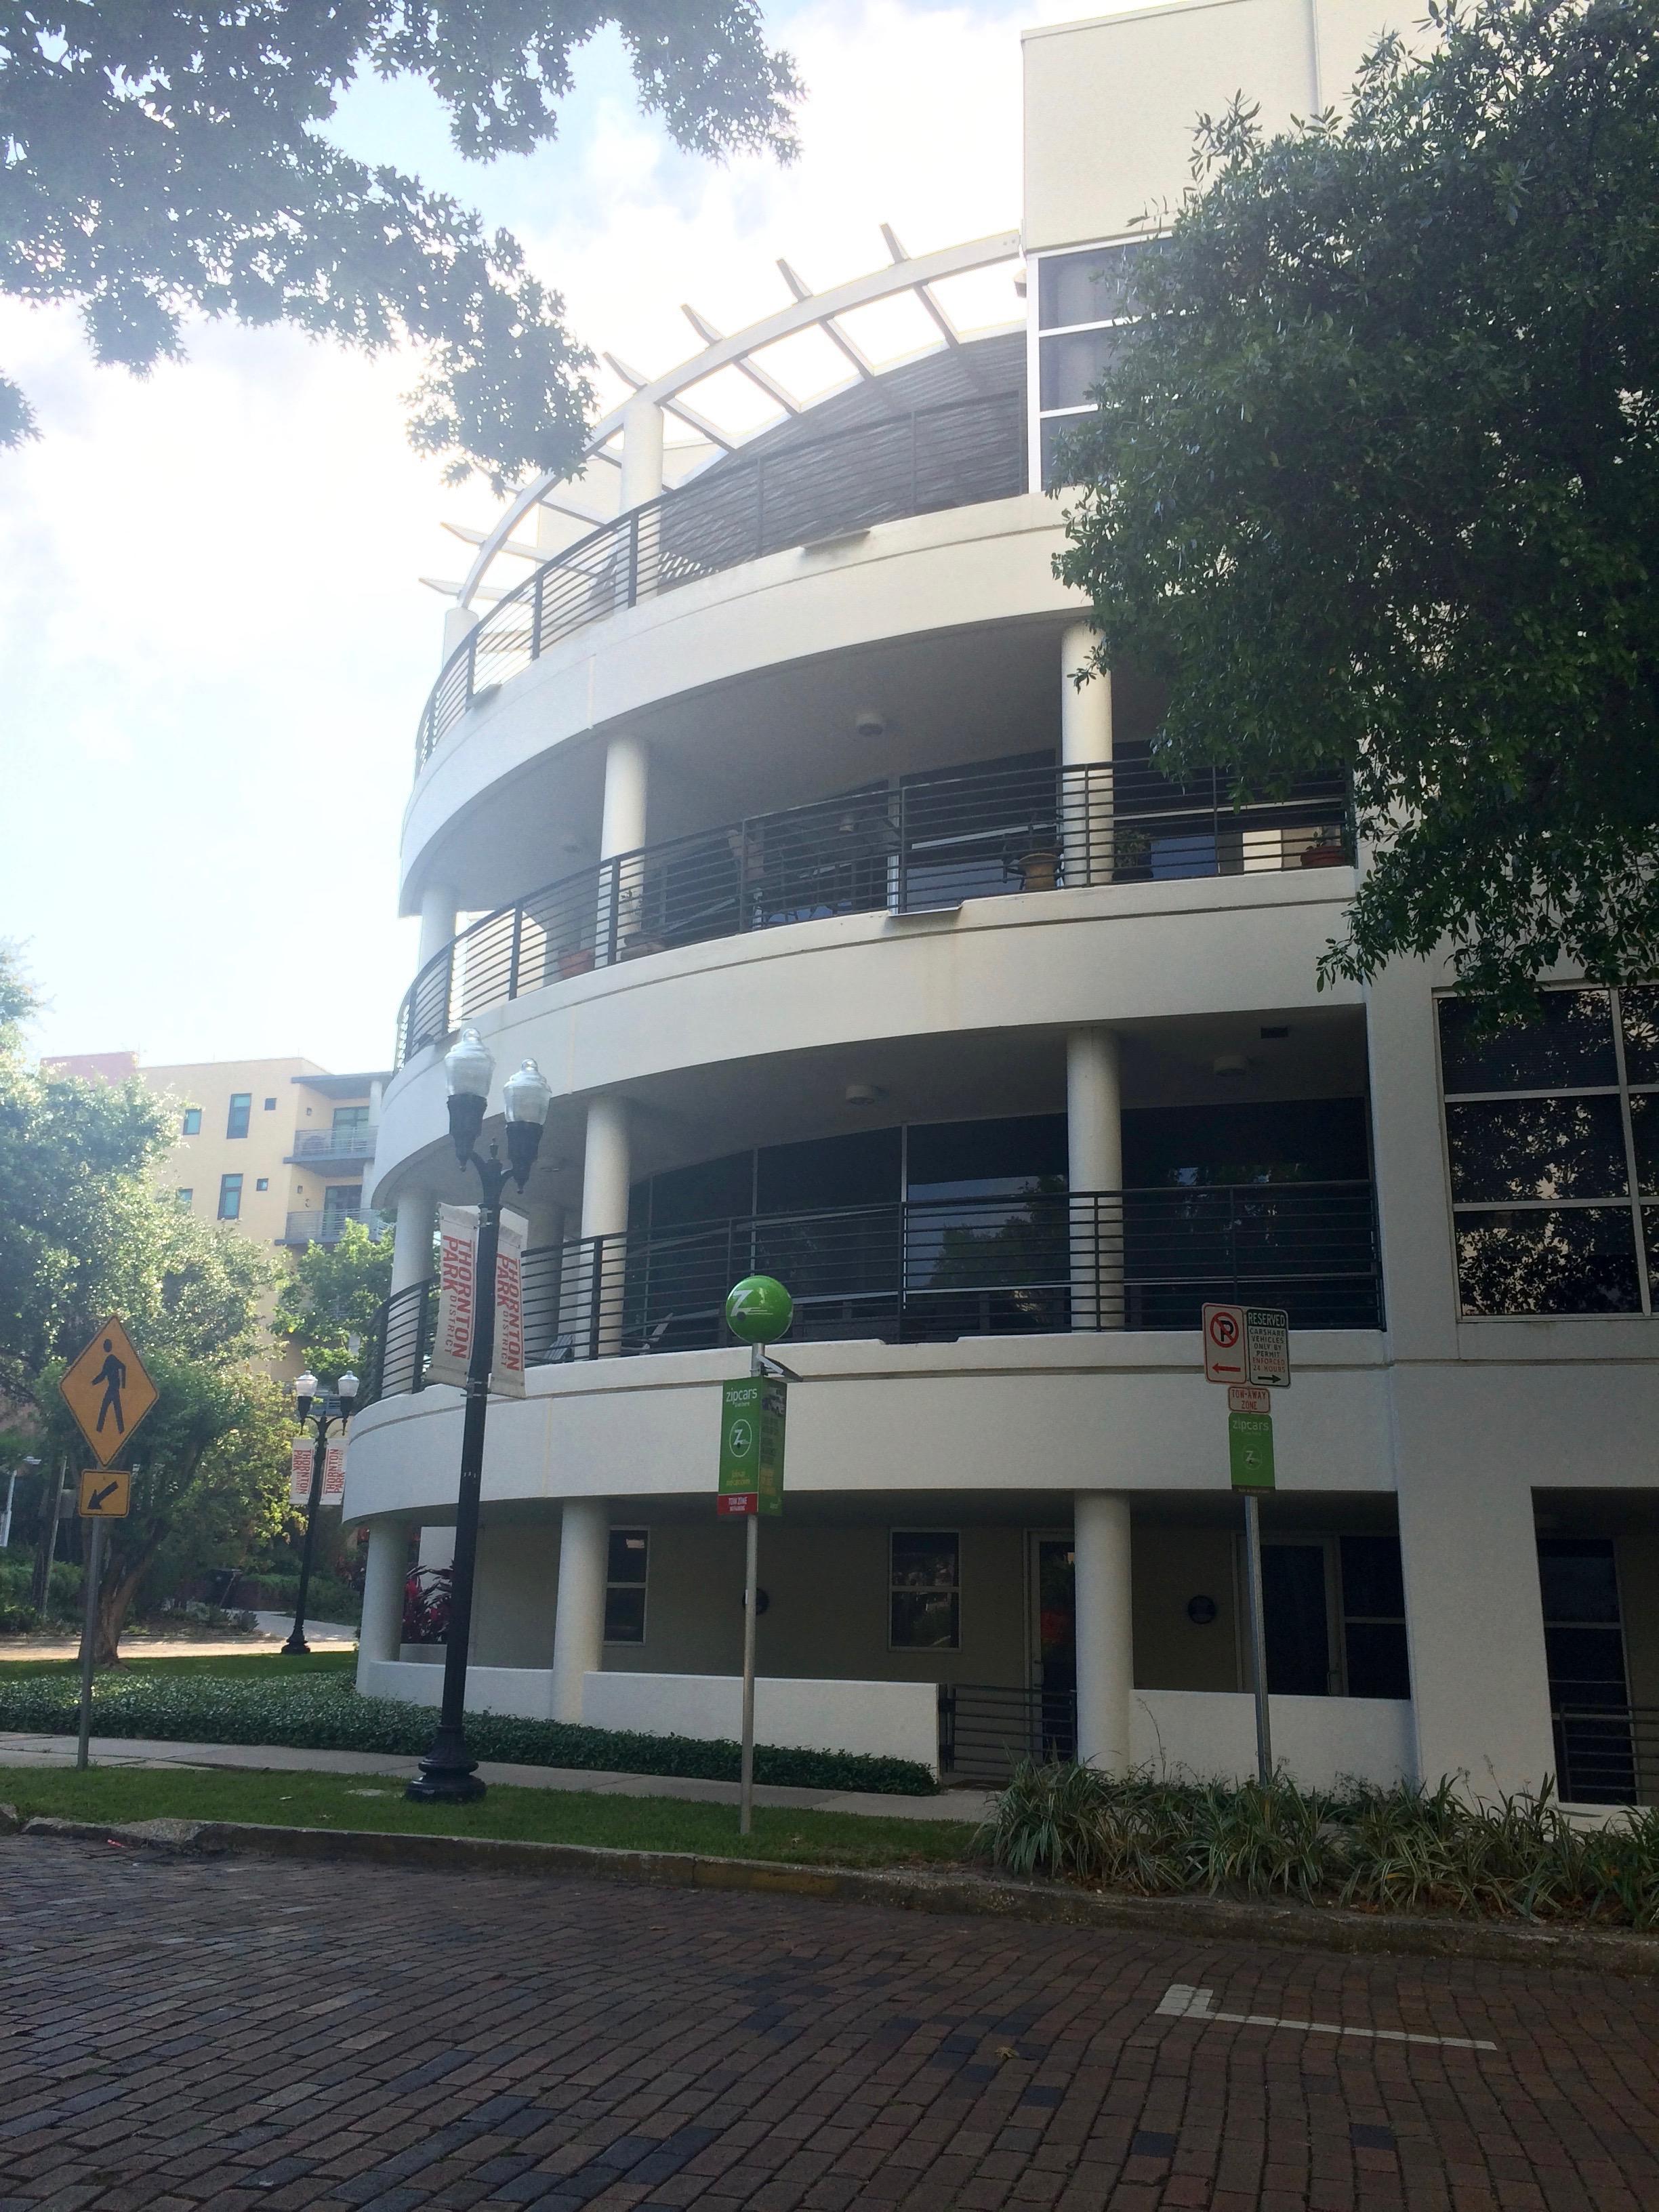 Eola South Orlando Condo Critic